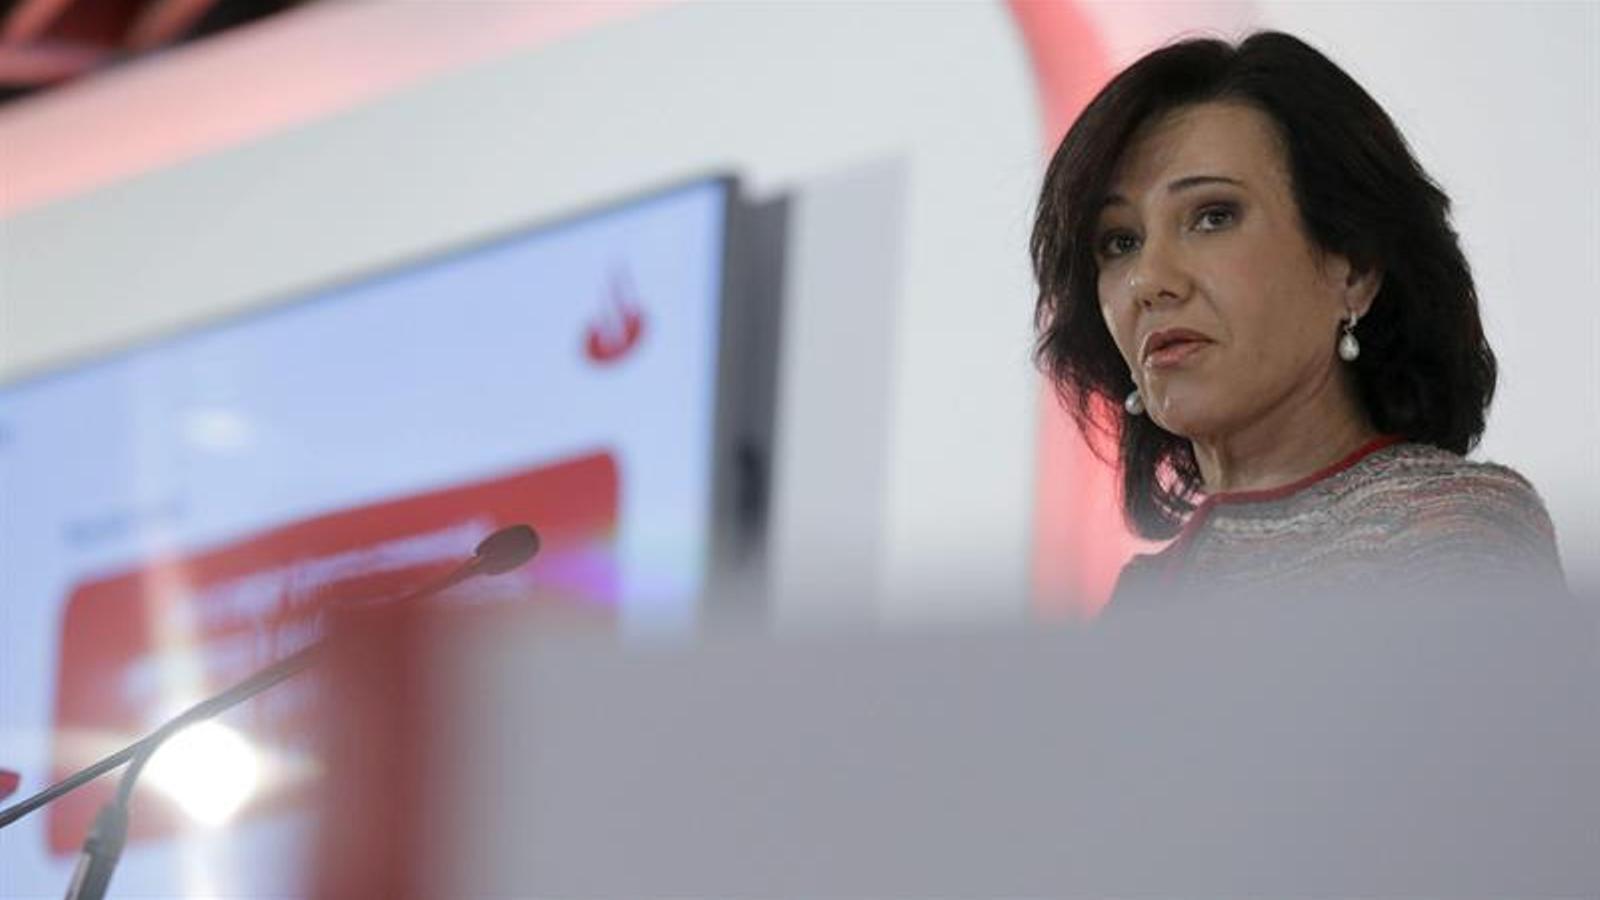 La presidenta del Santander, Ana Botin, durant la presentació dels resultats del 2014 a la ciutat de l'entitat als afores de Madrid. EFE